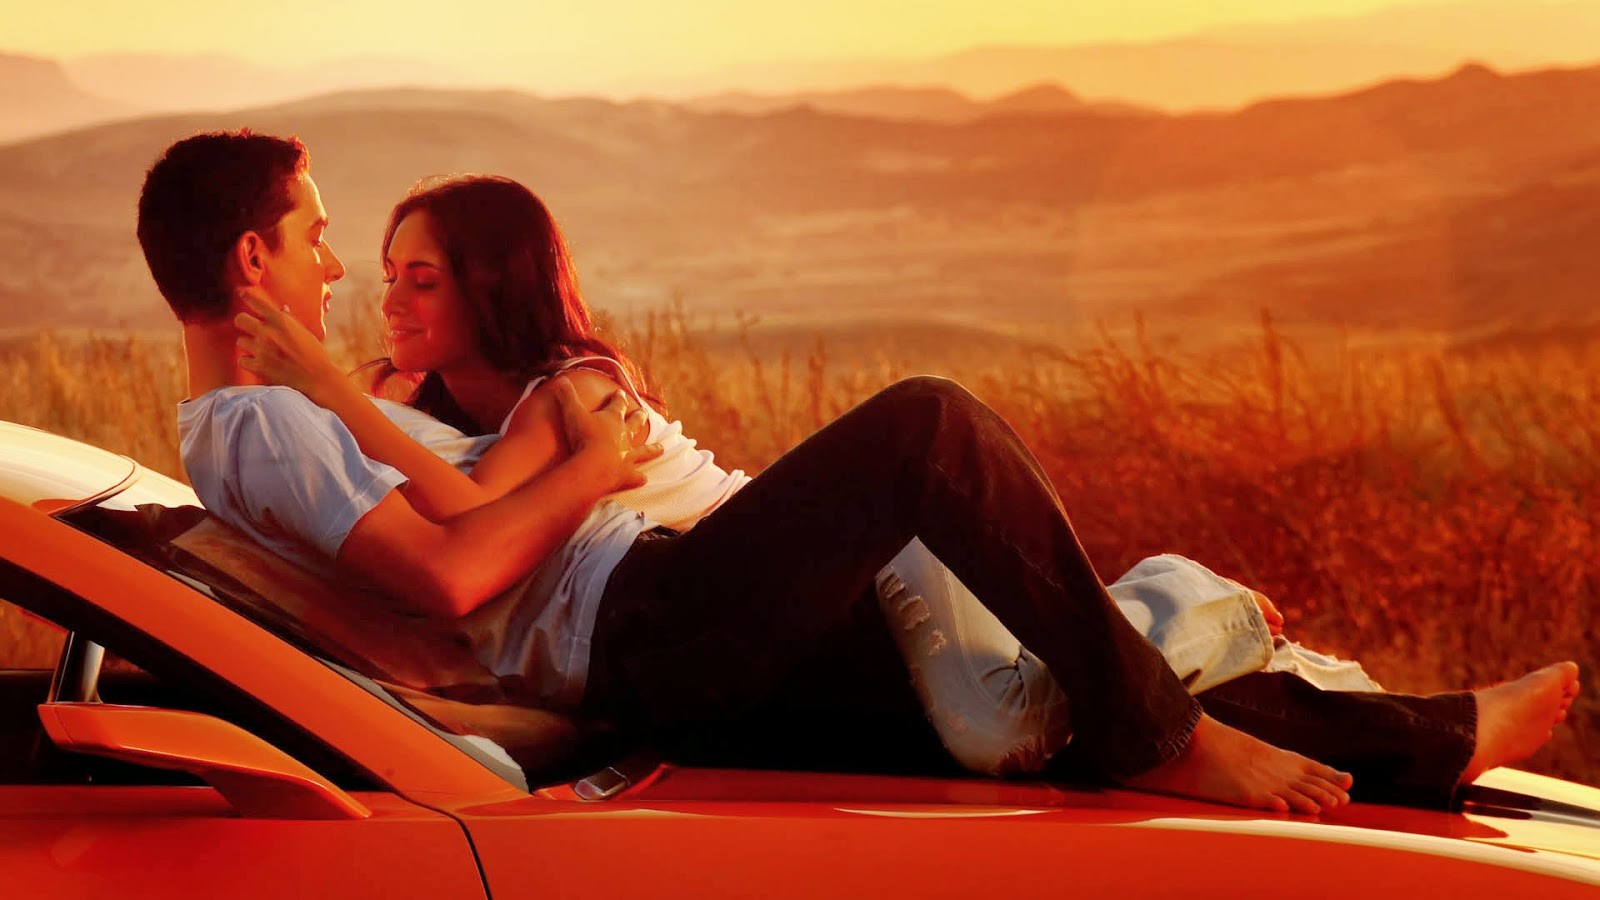 اجمل اللقطات الرومانسية , صور حب وغرام   صوري